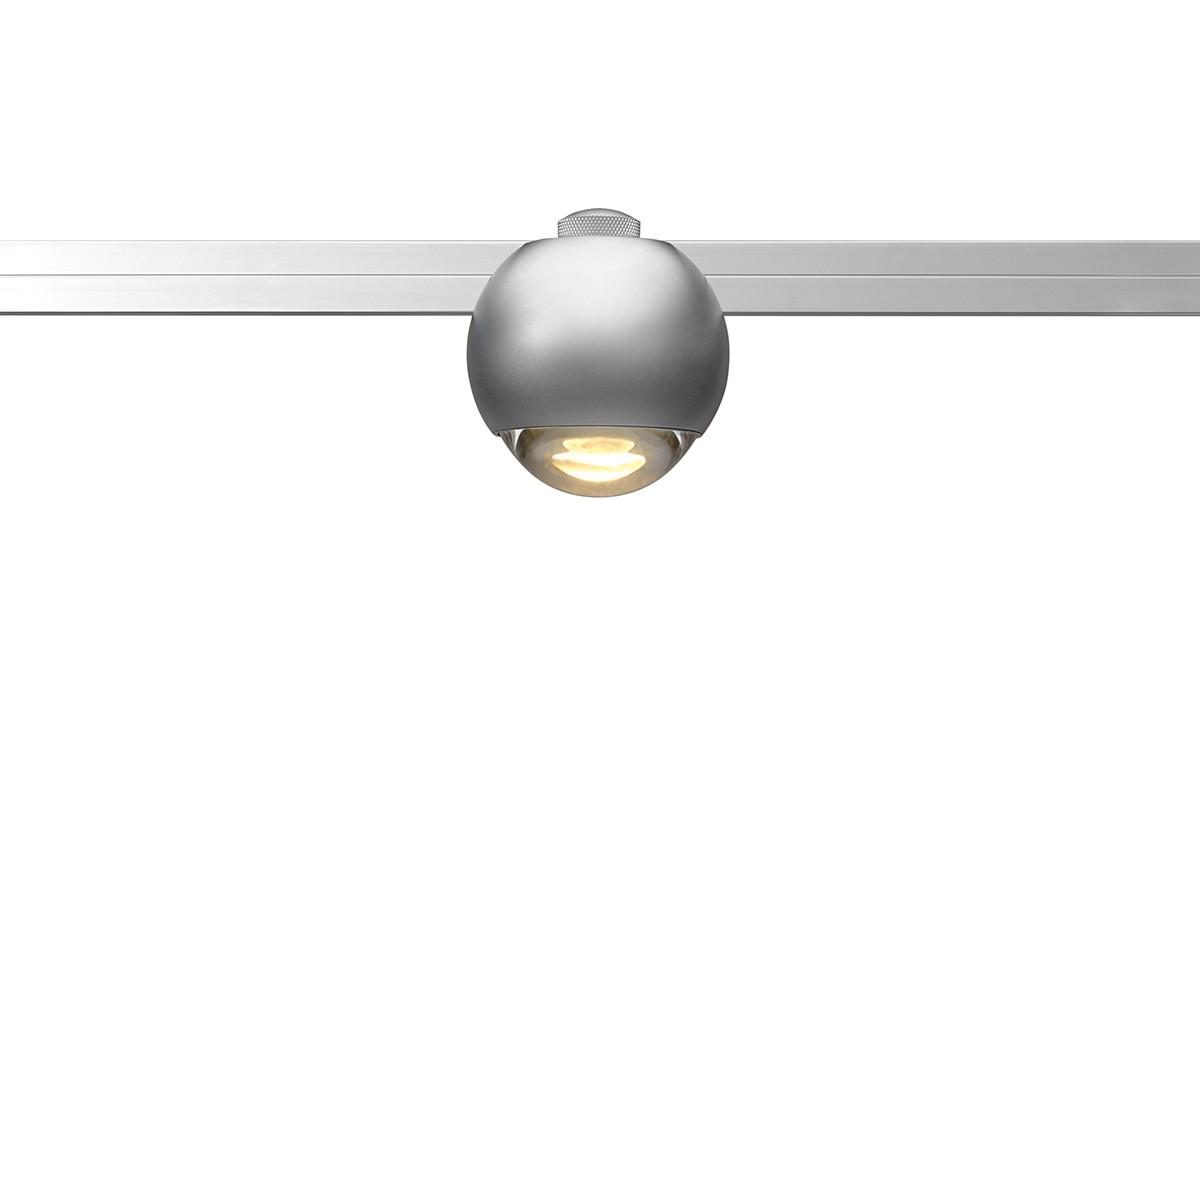 Oligo CHECK-IN Sphere LED Strahler, Chrom matt